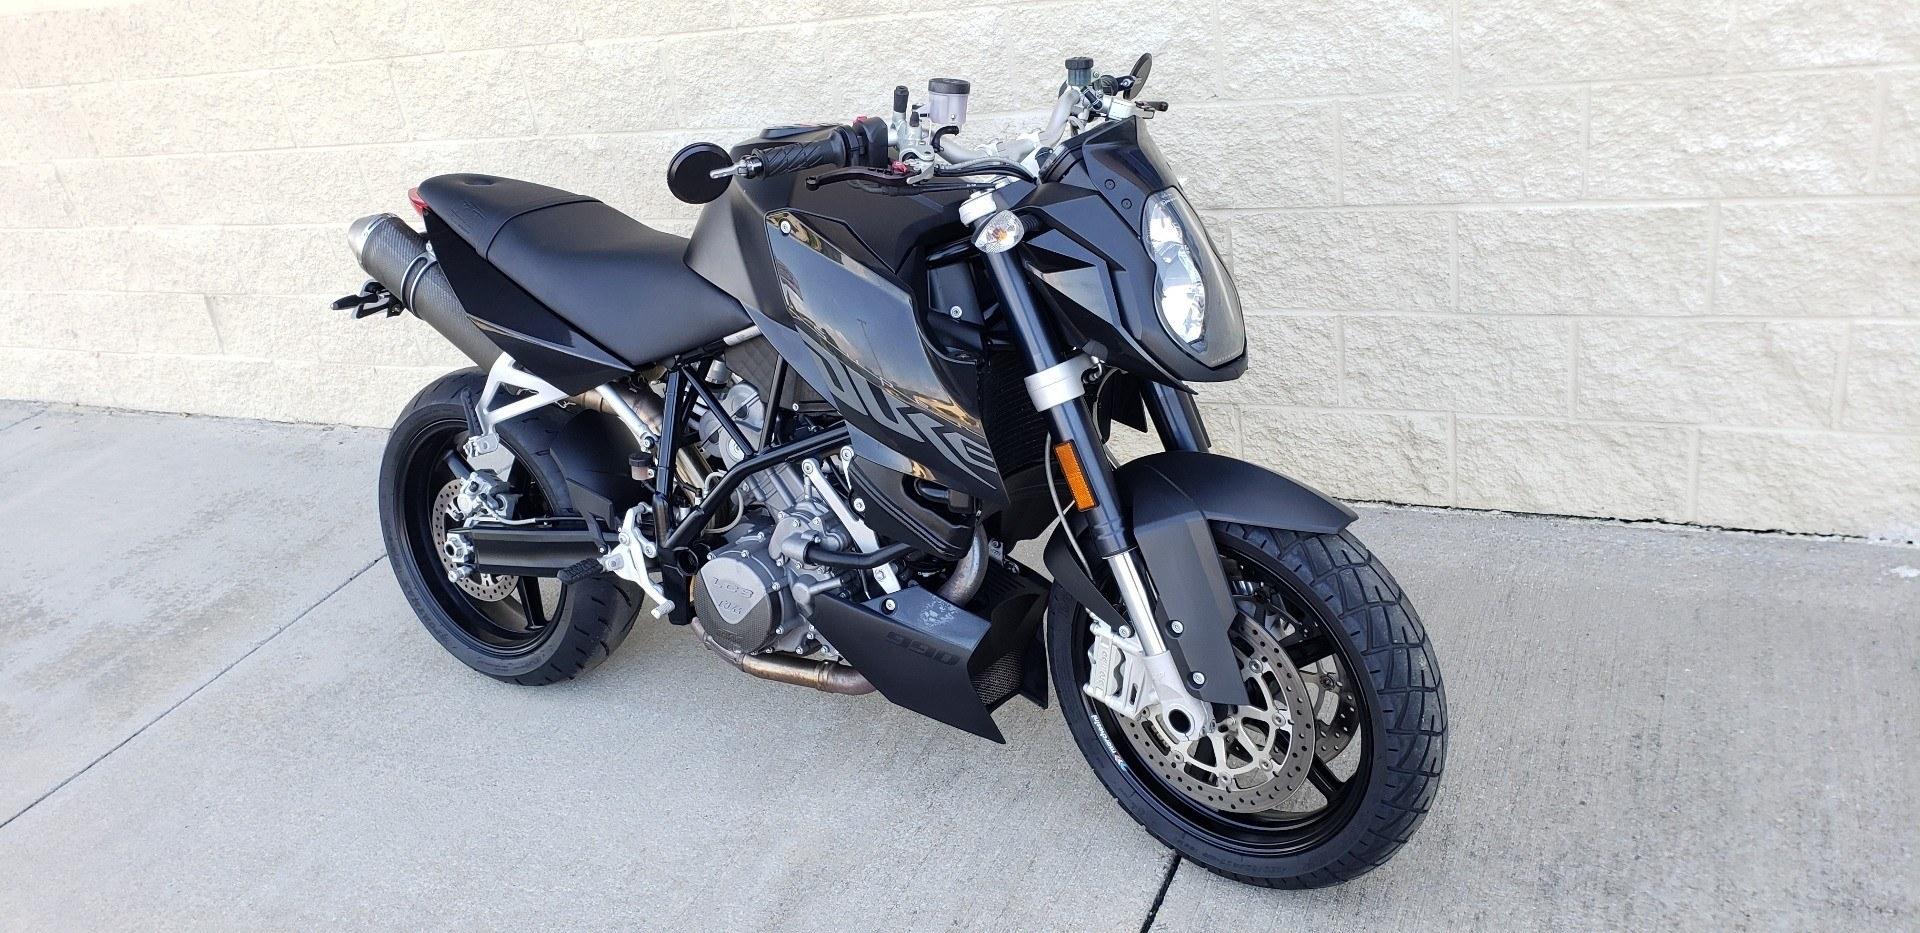 2008 KTM 990 Super Duke 6